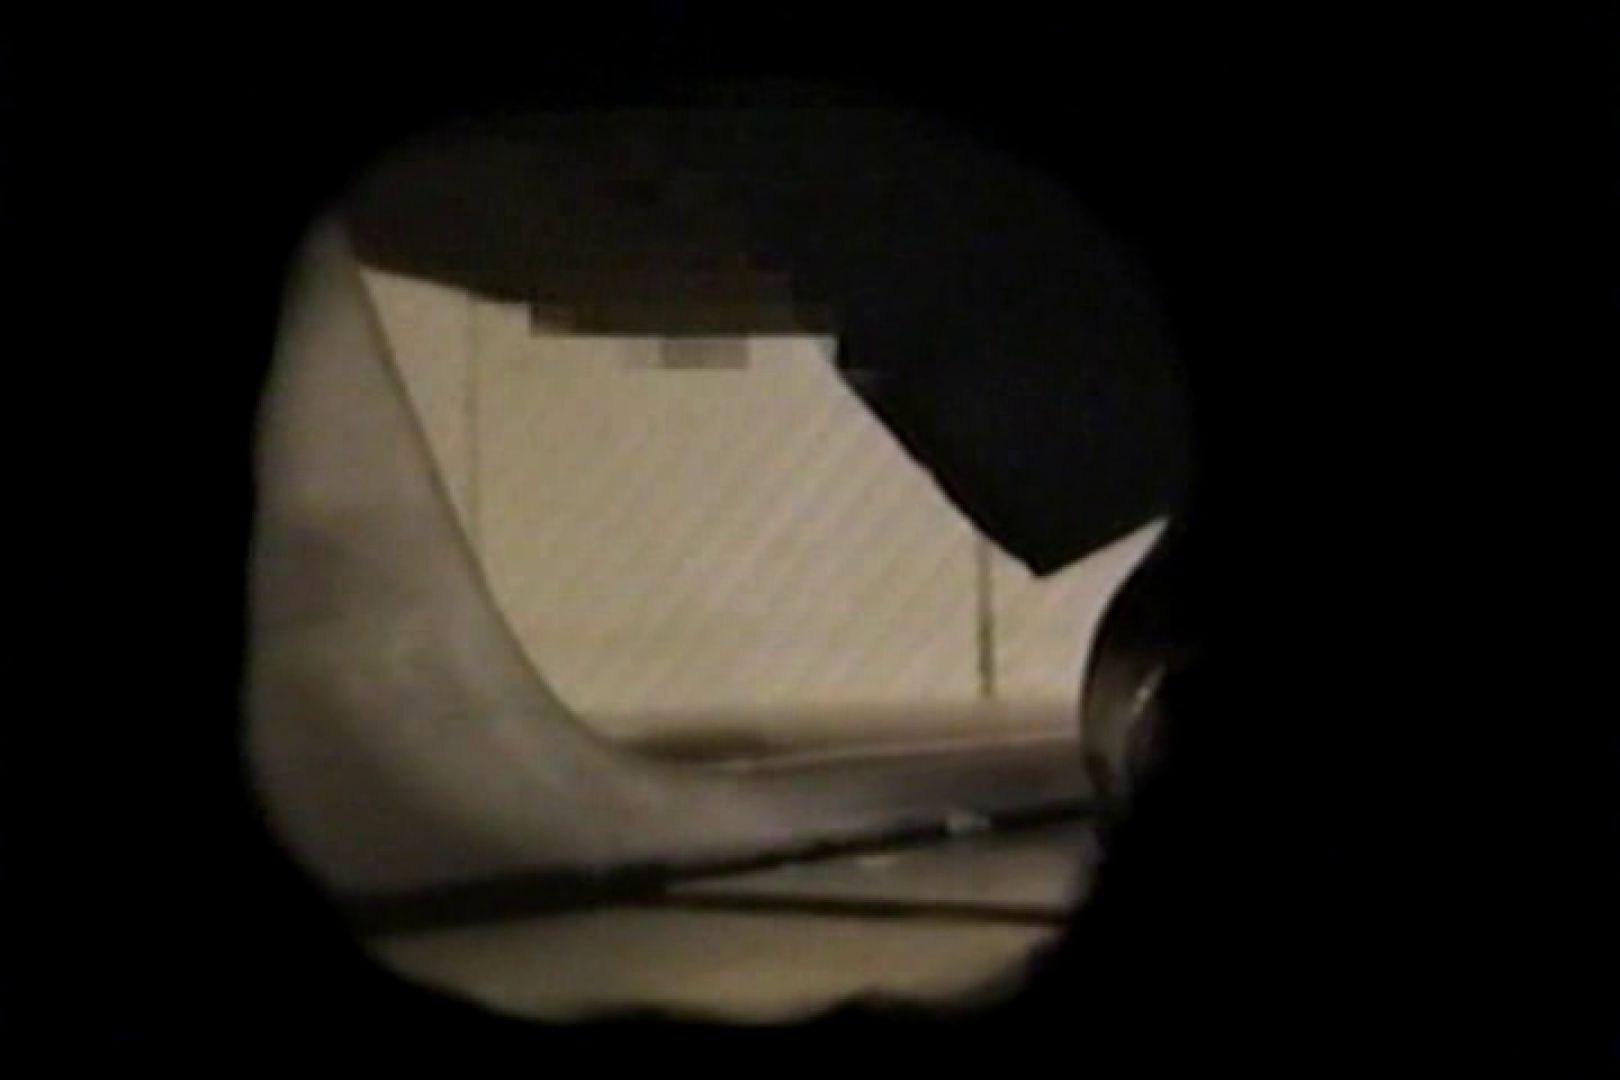 盗撮 女子洗面所3ヶ所入ってしゃがんで音出して プライベート | 和式  67pic 33